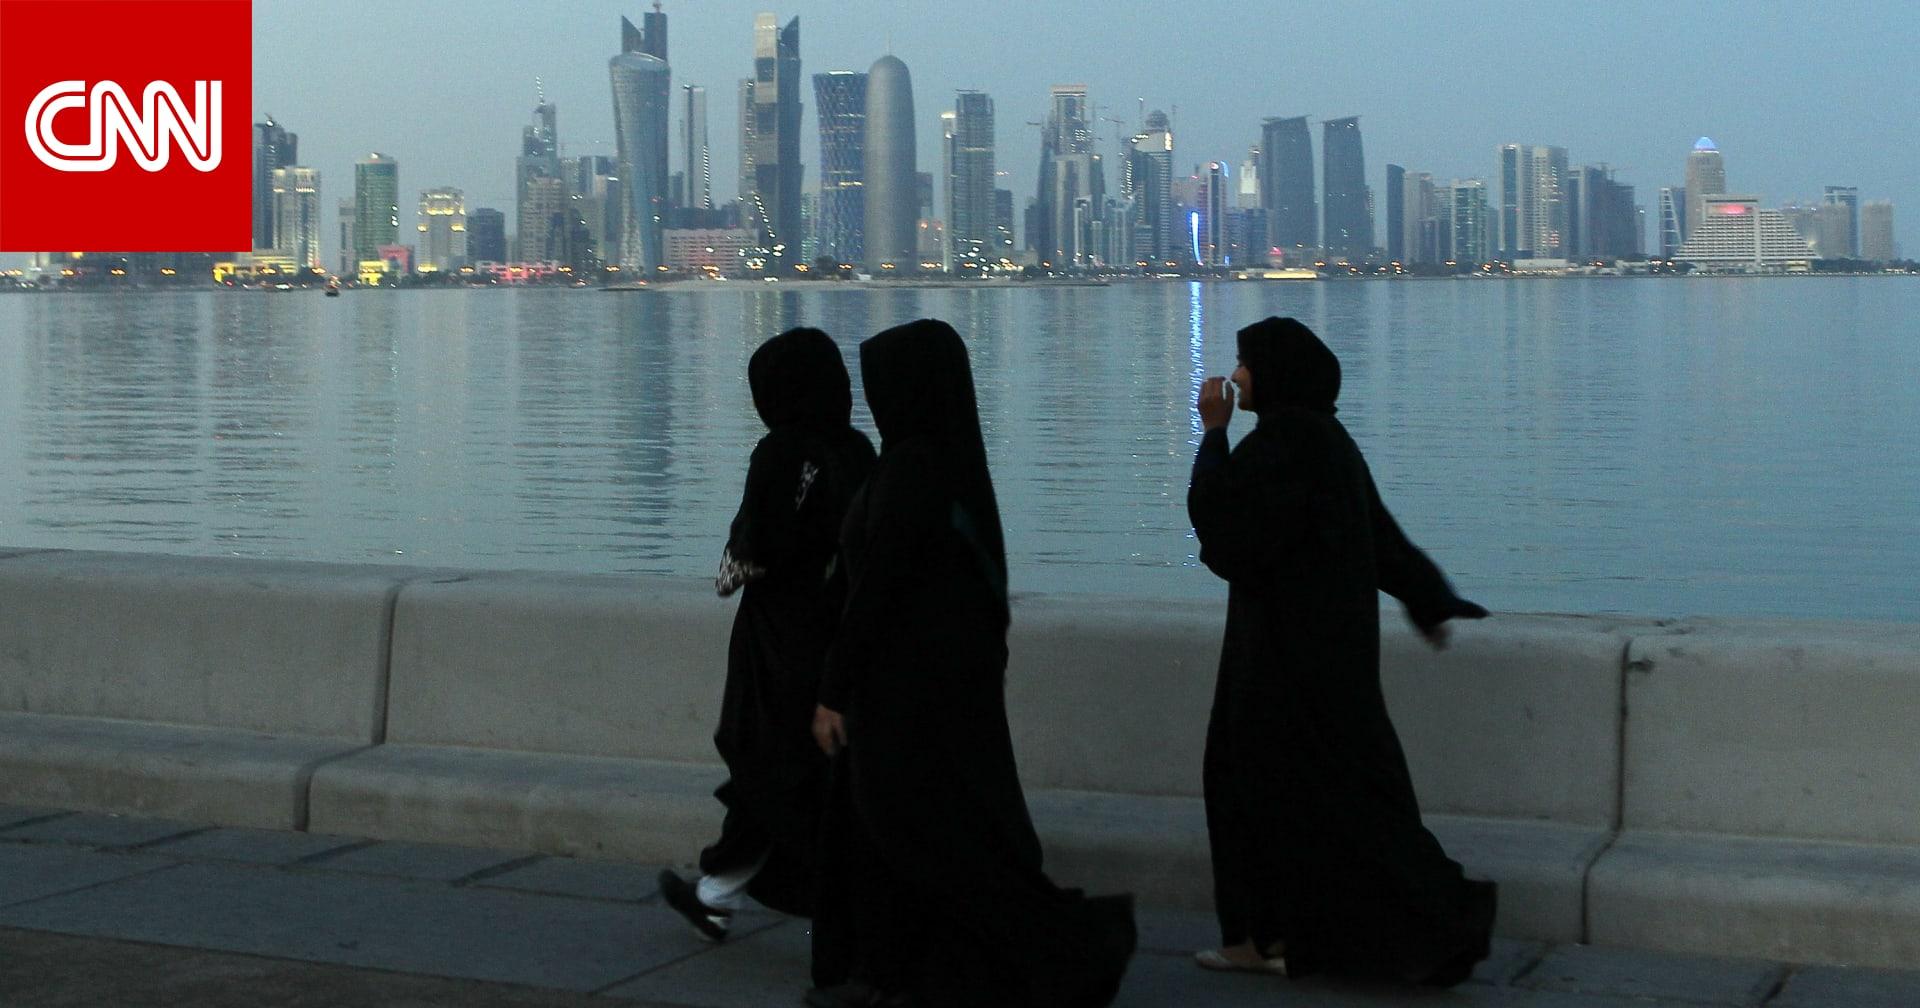 """""""قطر: نظام ولاية الرجل يقيّد حقوق النساء"""".. تقرير يثير تفاعلا وشيخة قطرية ترد"""